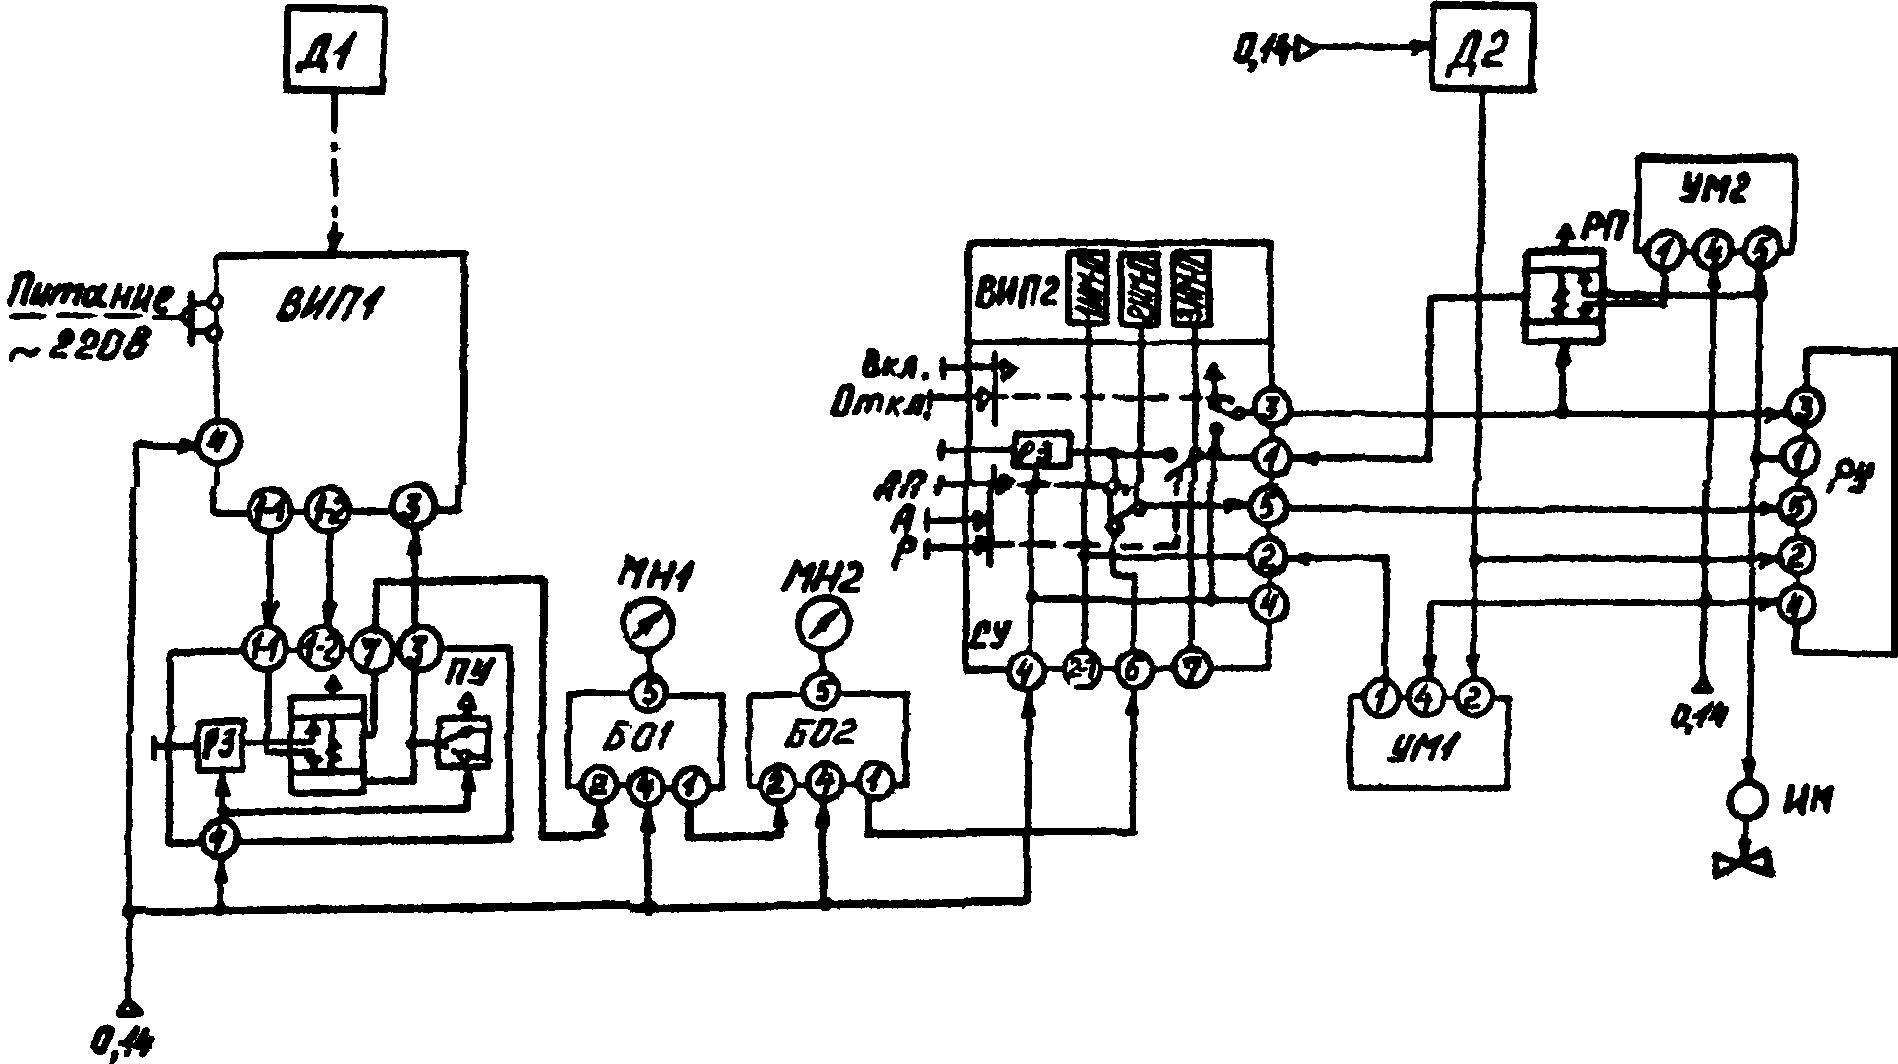 РМ 4-59-95, Пособие к ГОСТ 21.408-93 Системы автоматизации.  Состав, оформление и комплектование рабочей документации.